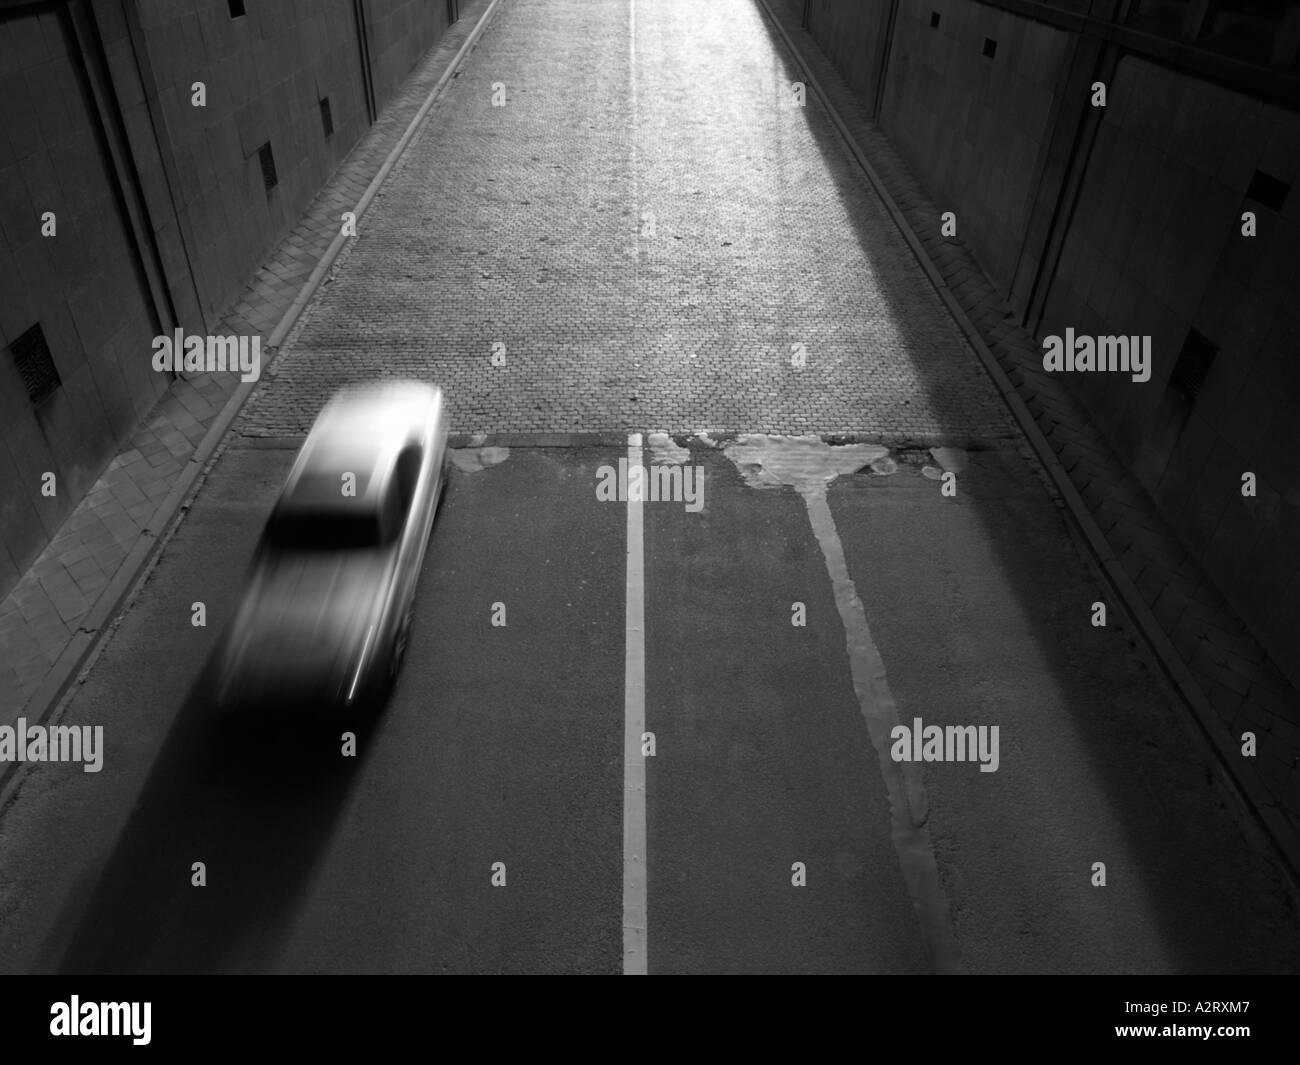 Coche de plata Mercedes acelera hacia tunnel Bruselas Bélgica motion blur monocroma en blanco y negro Foto de stock